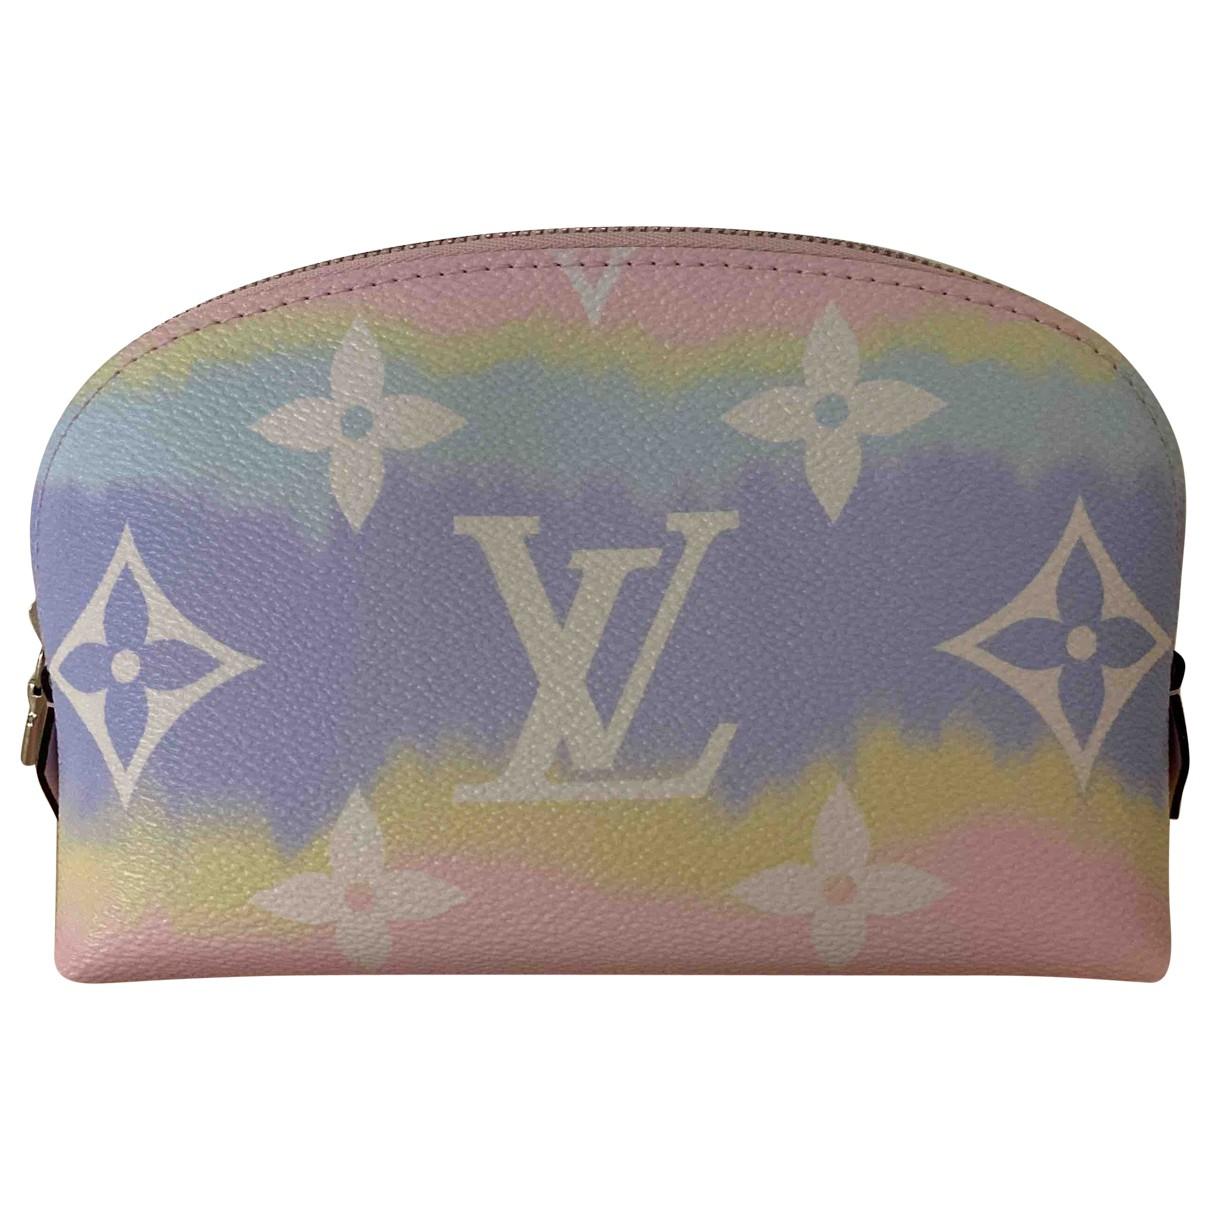 Louis Vuitton - Sac de voyage   pour femme en toile - multicolore